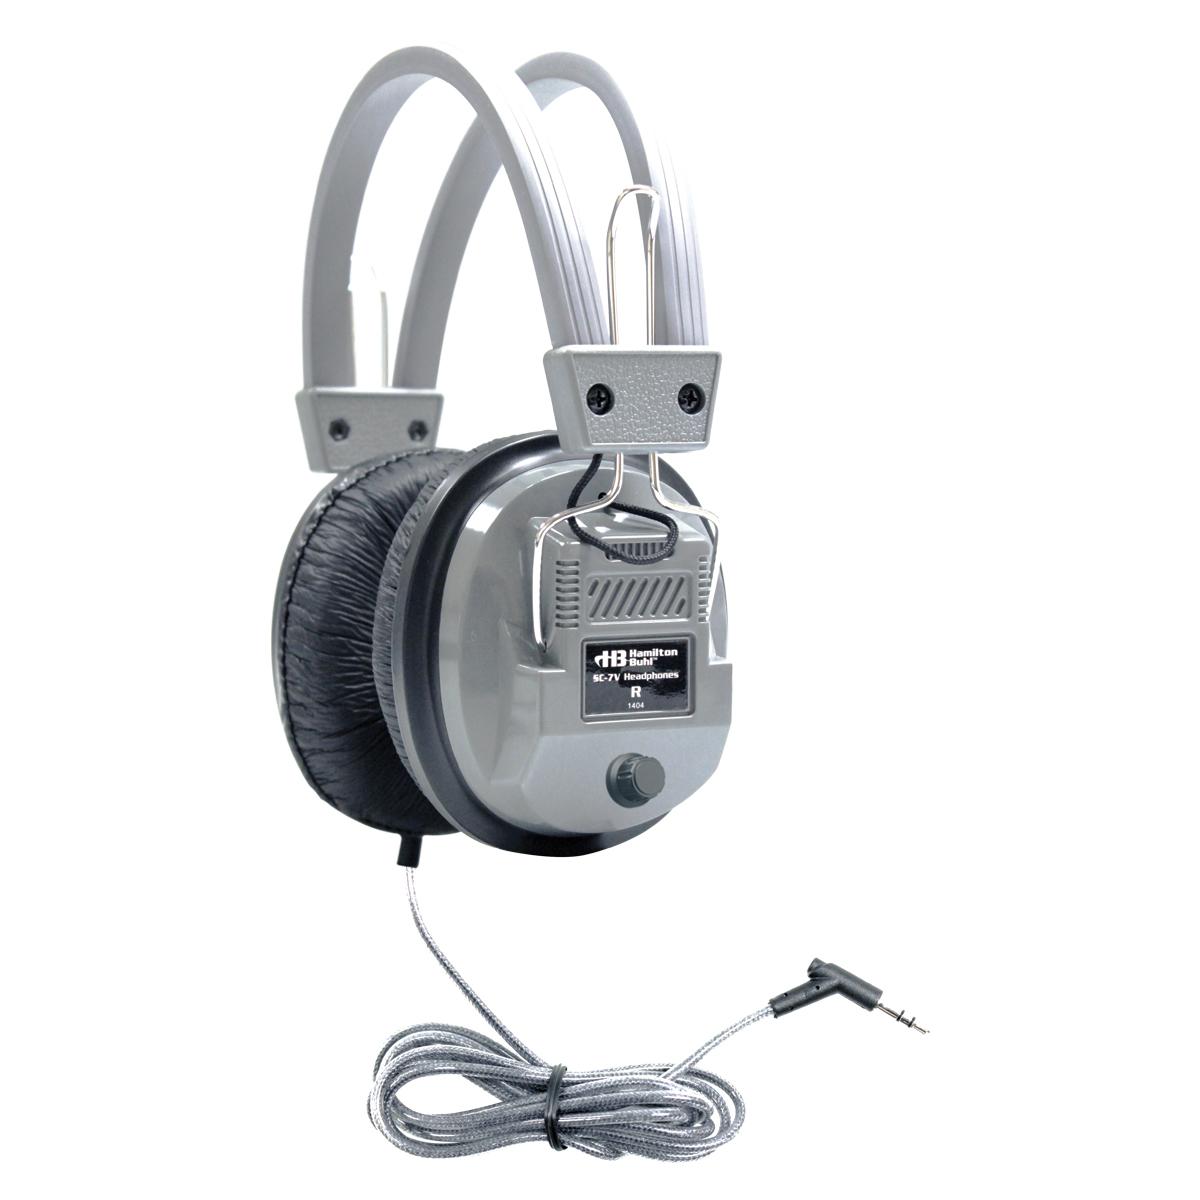 Casque d'écoute stéréo Hamilton® SchoolMate™ avec contrôle de volume